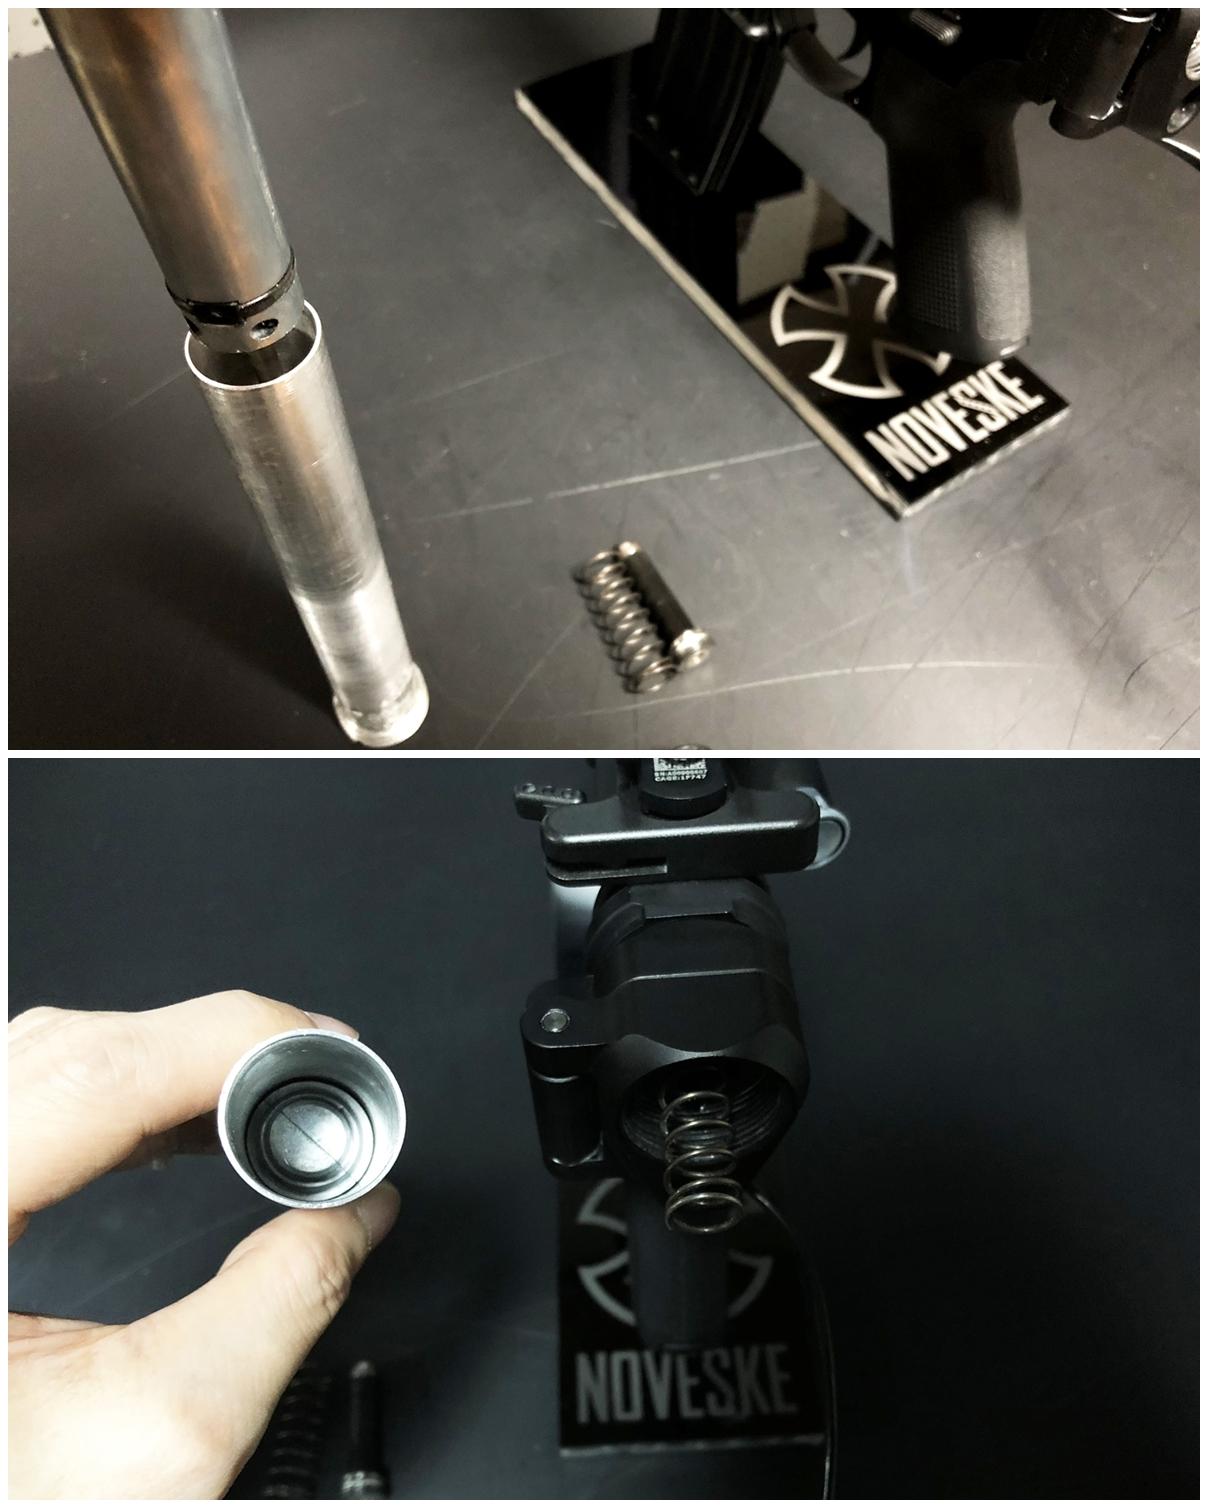 18 次世代 M4 CQB-R 電動ガン 実物 KAK SHOCKWAVE BLADE PISTOL AR-15 ストック 取付 改造 カスタム 大作戦 第7弾完結!! 最終 組み立て作業 & 初速 調整!! 実銃 ストックパイプ AR フォールディング 取付 リコイル